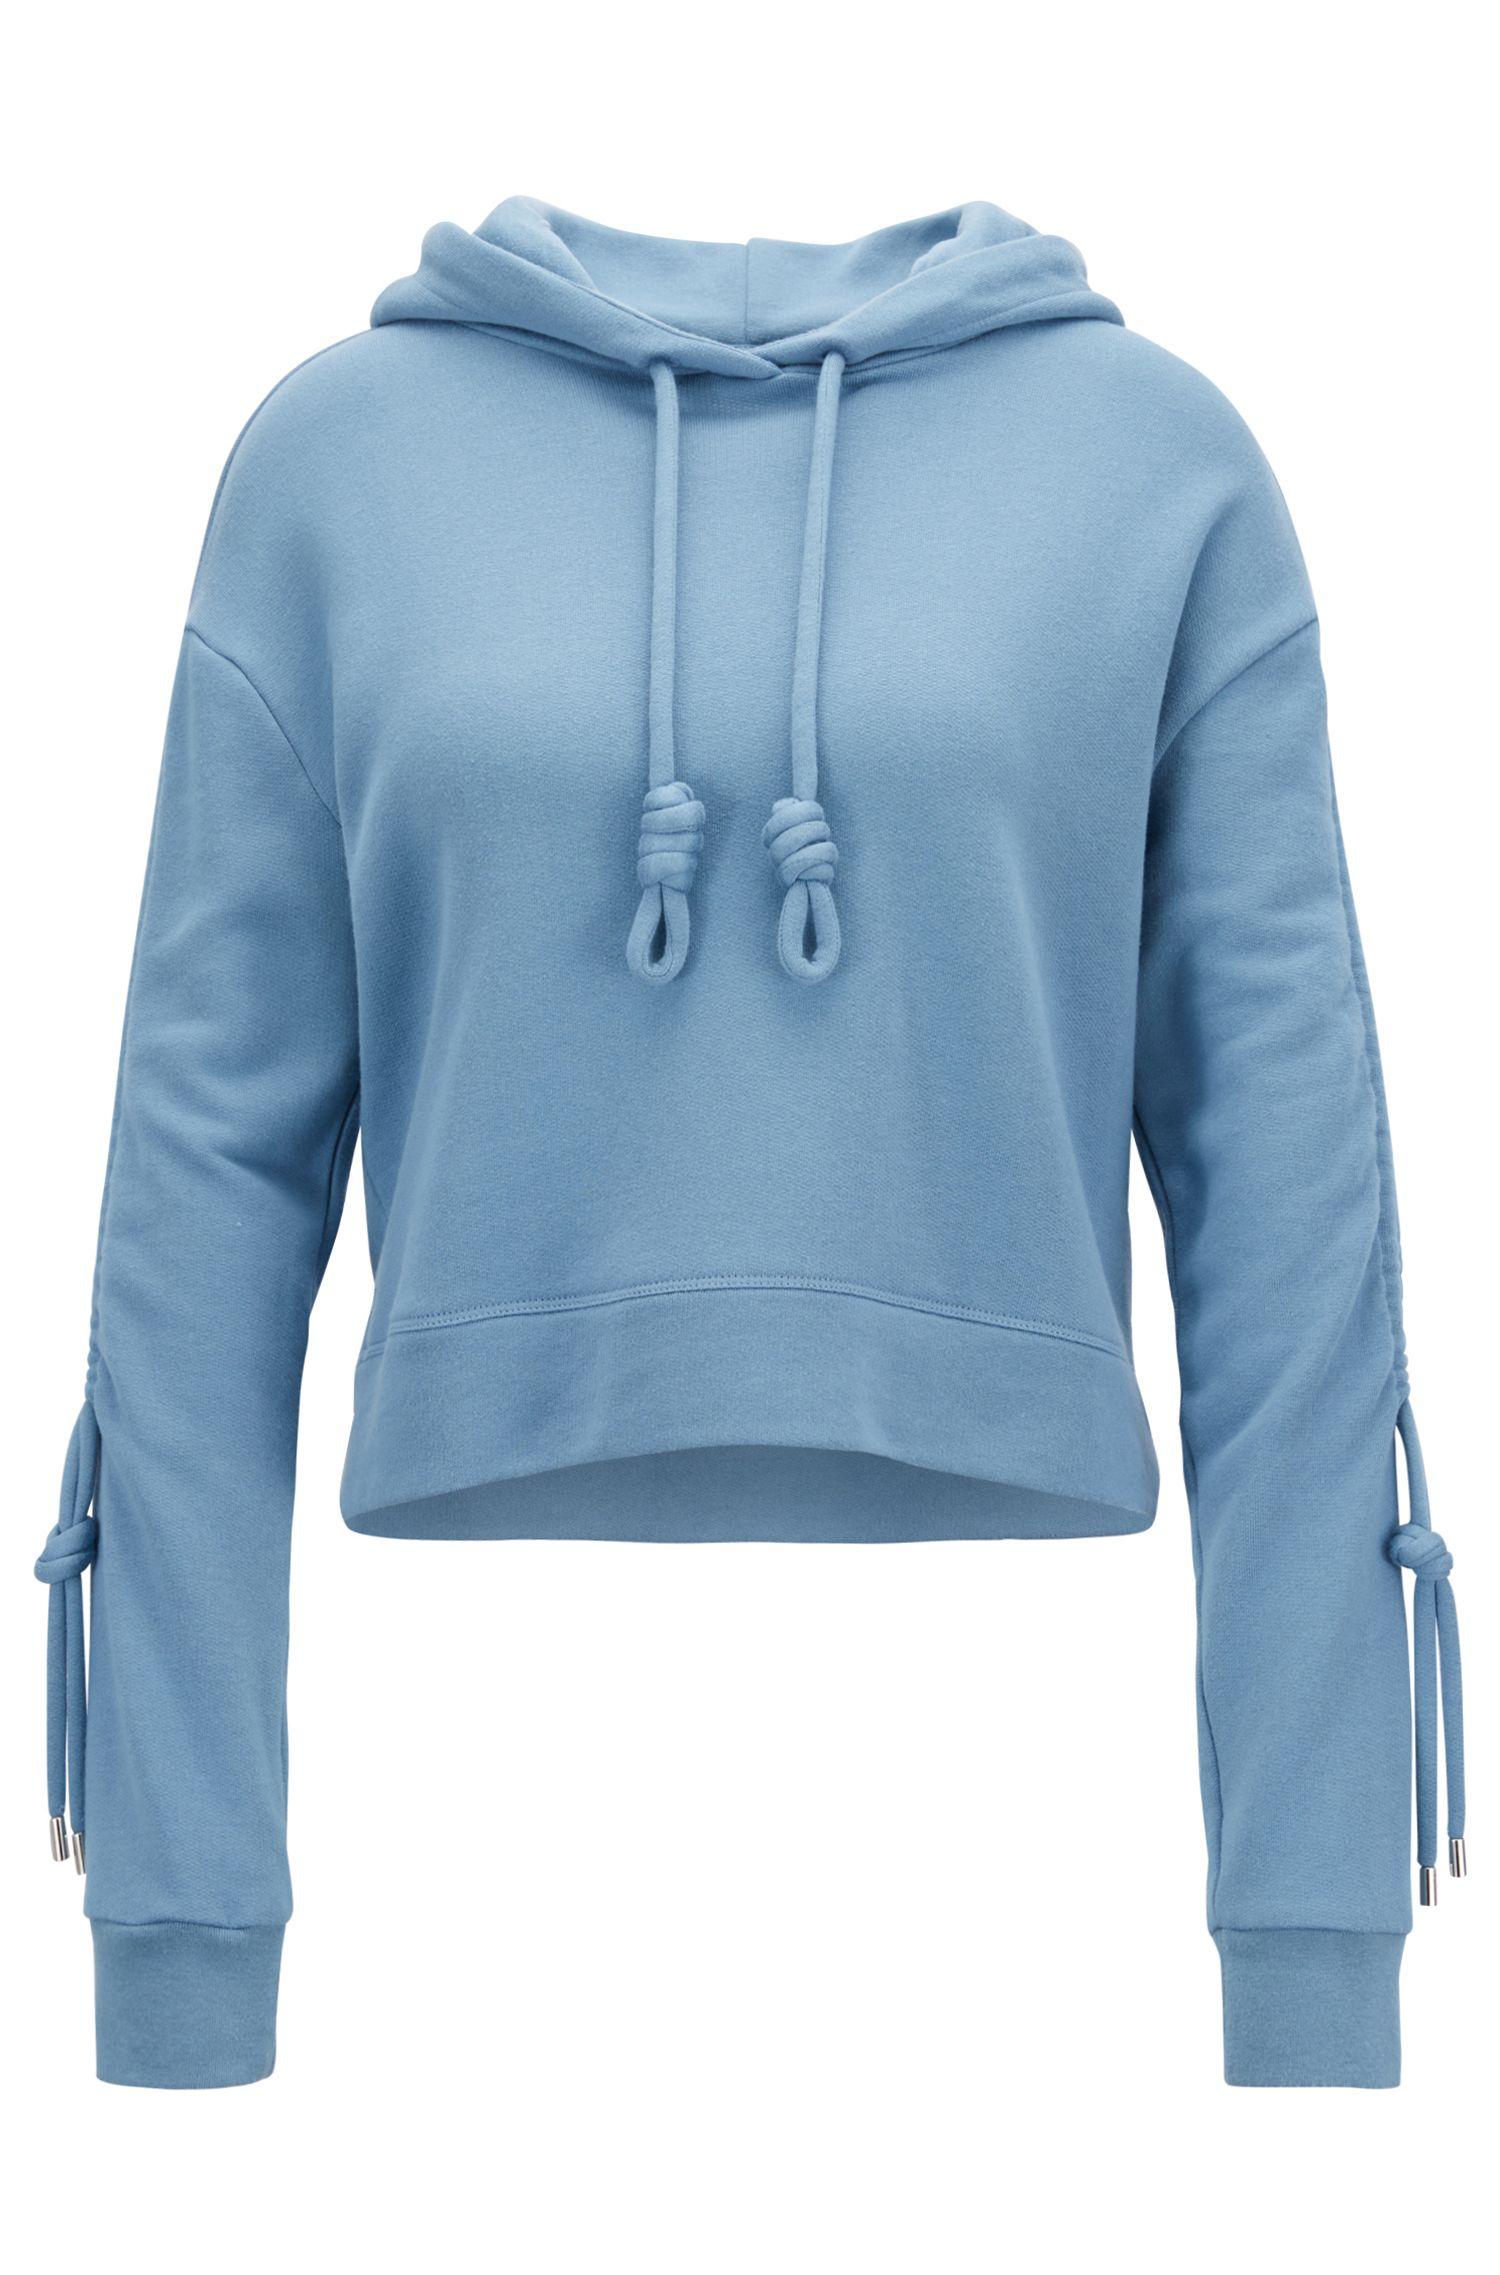 Kapuzen-Sweatshirt aus Terry in Cropped-Länge mit gerafften Ärmeln